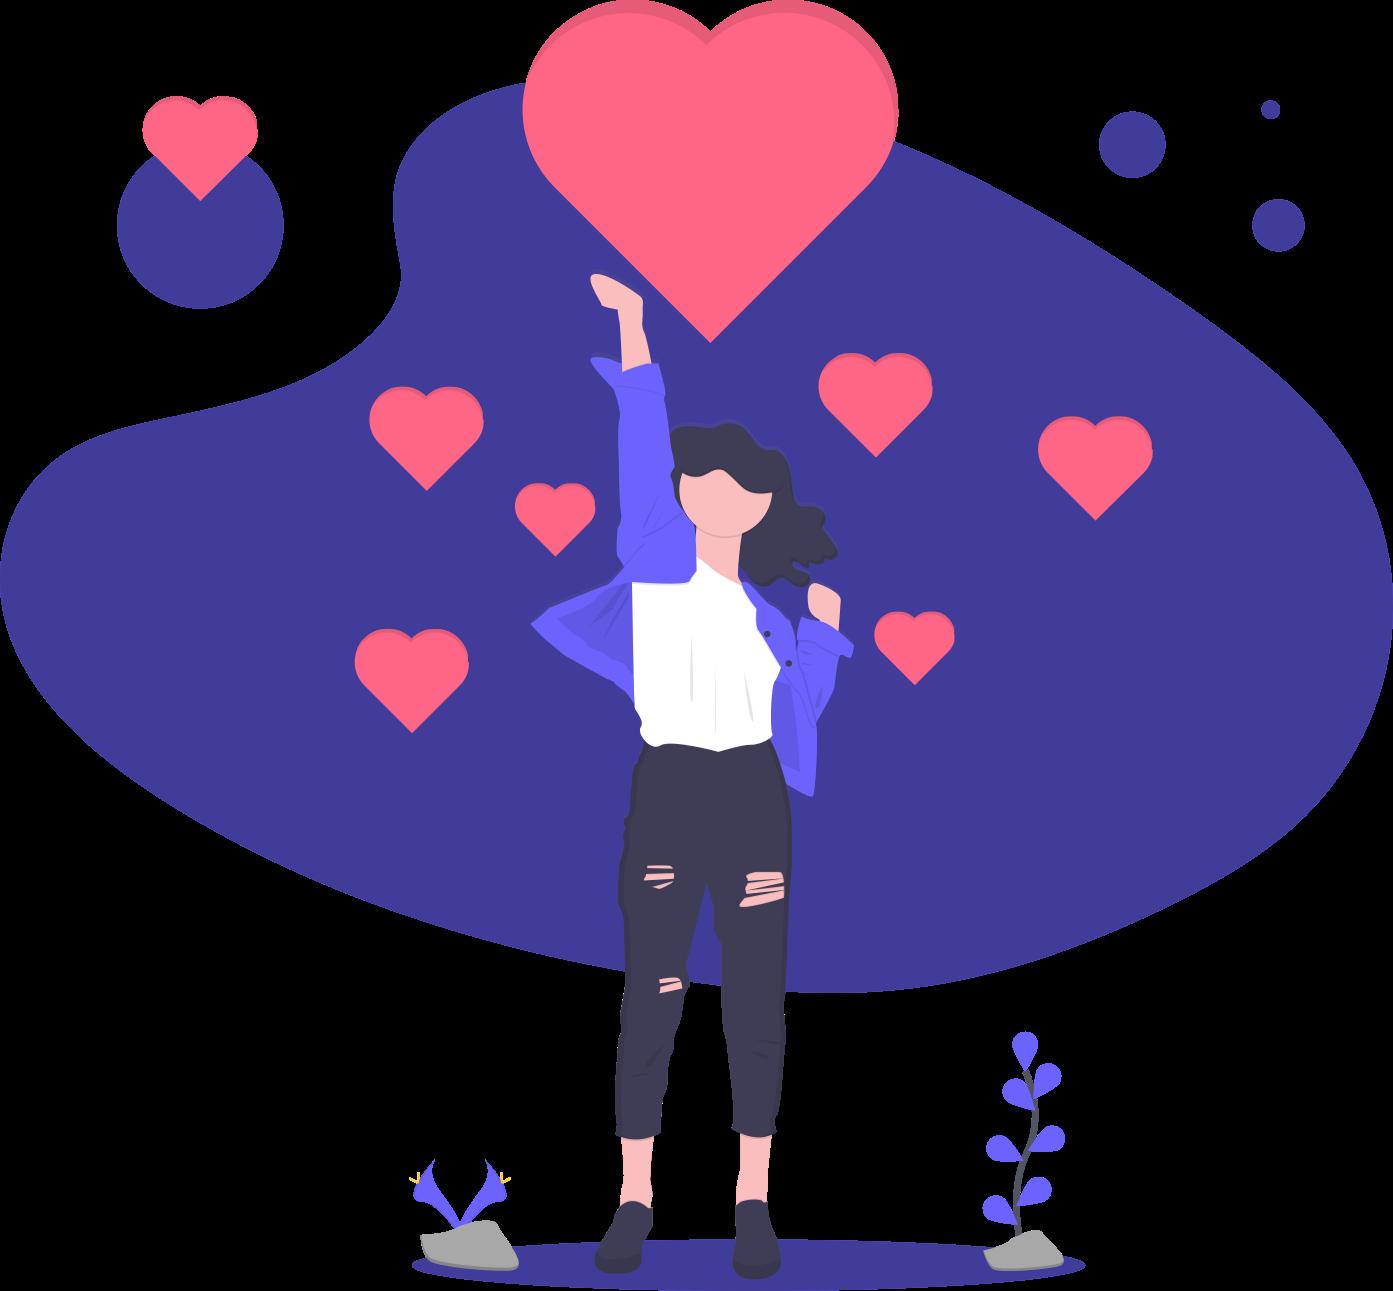 Desenho uma mullher mãos levantadas com um coração